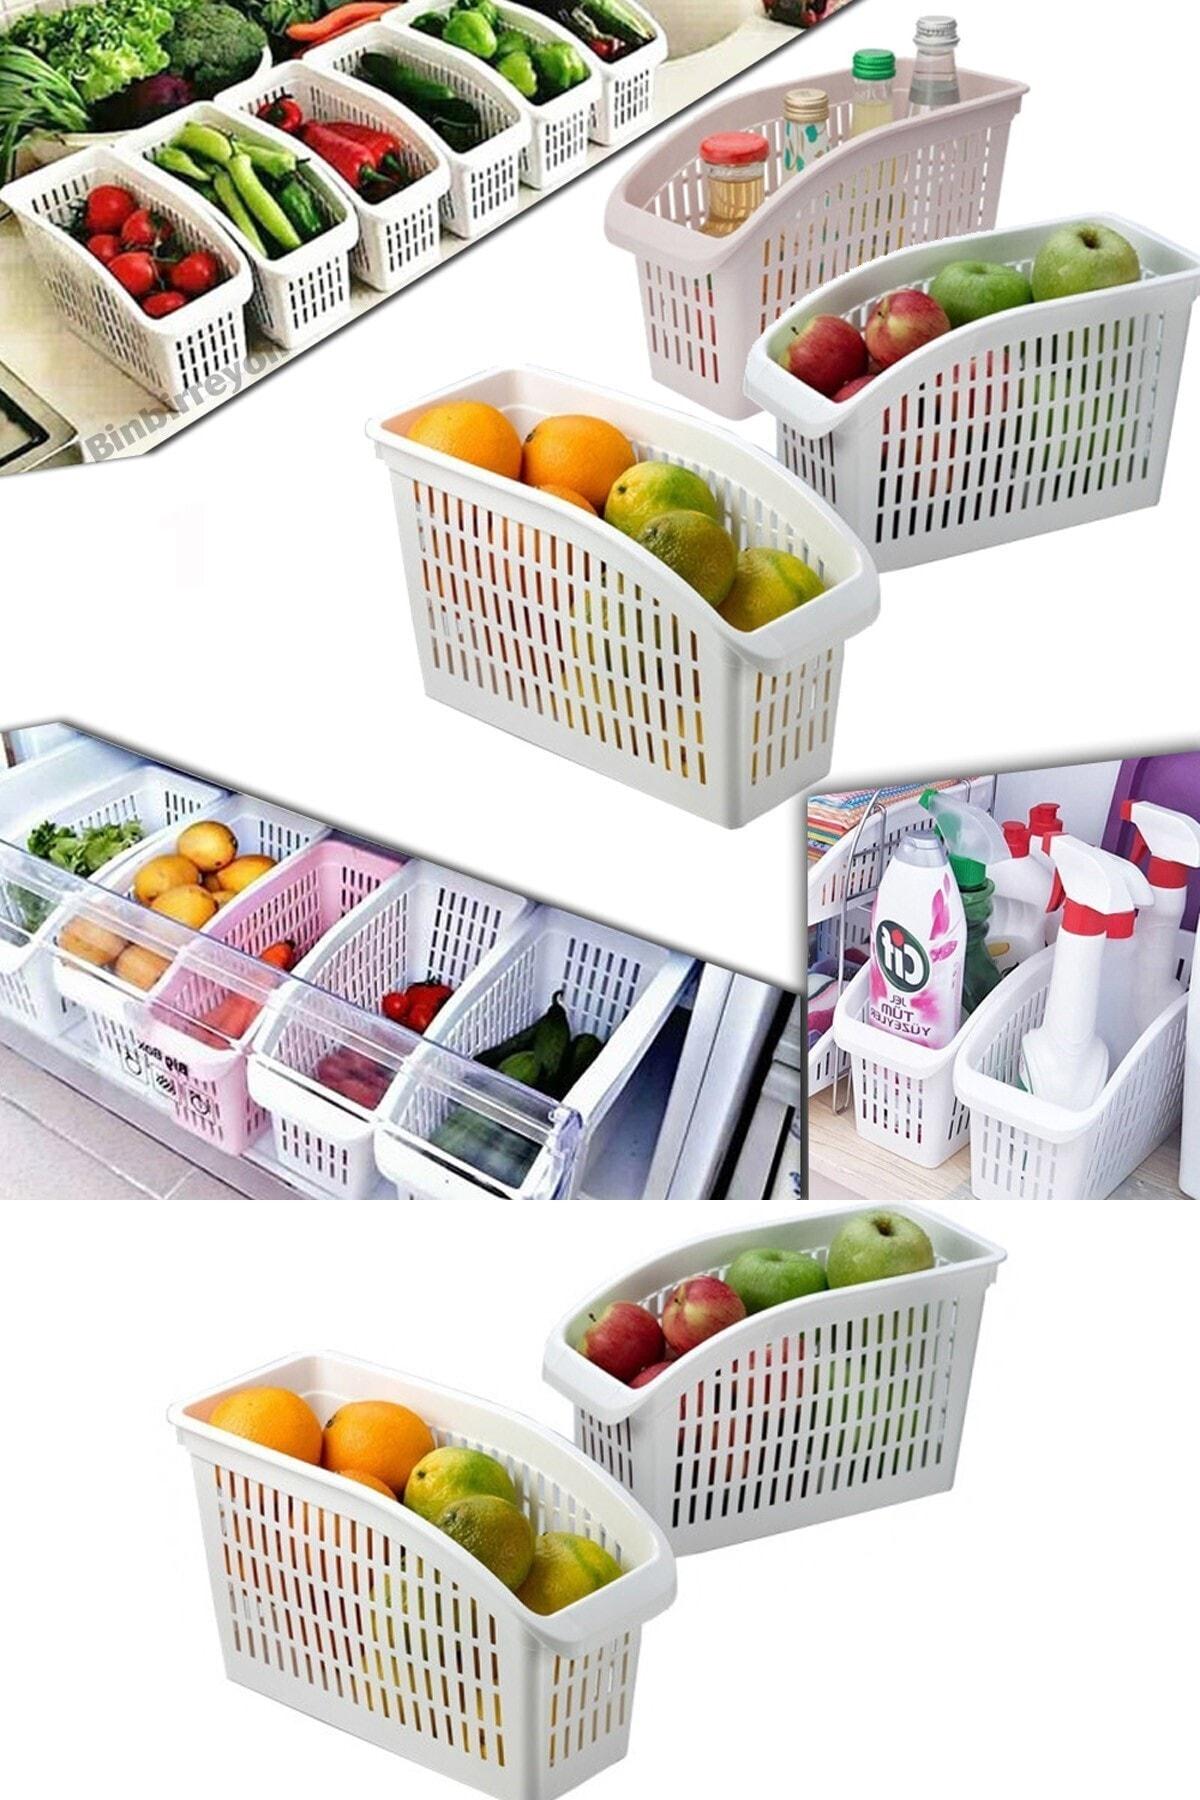 Meleni Home 6'lı Buzdolabı Içi Düzenleyici Sebze Meyve Düzenleyici Dolap Içi Organizer 1